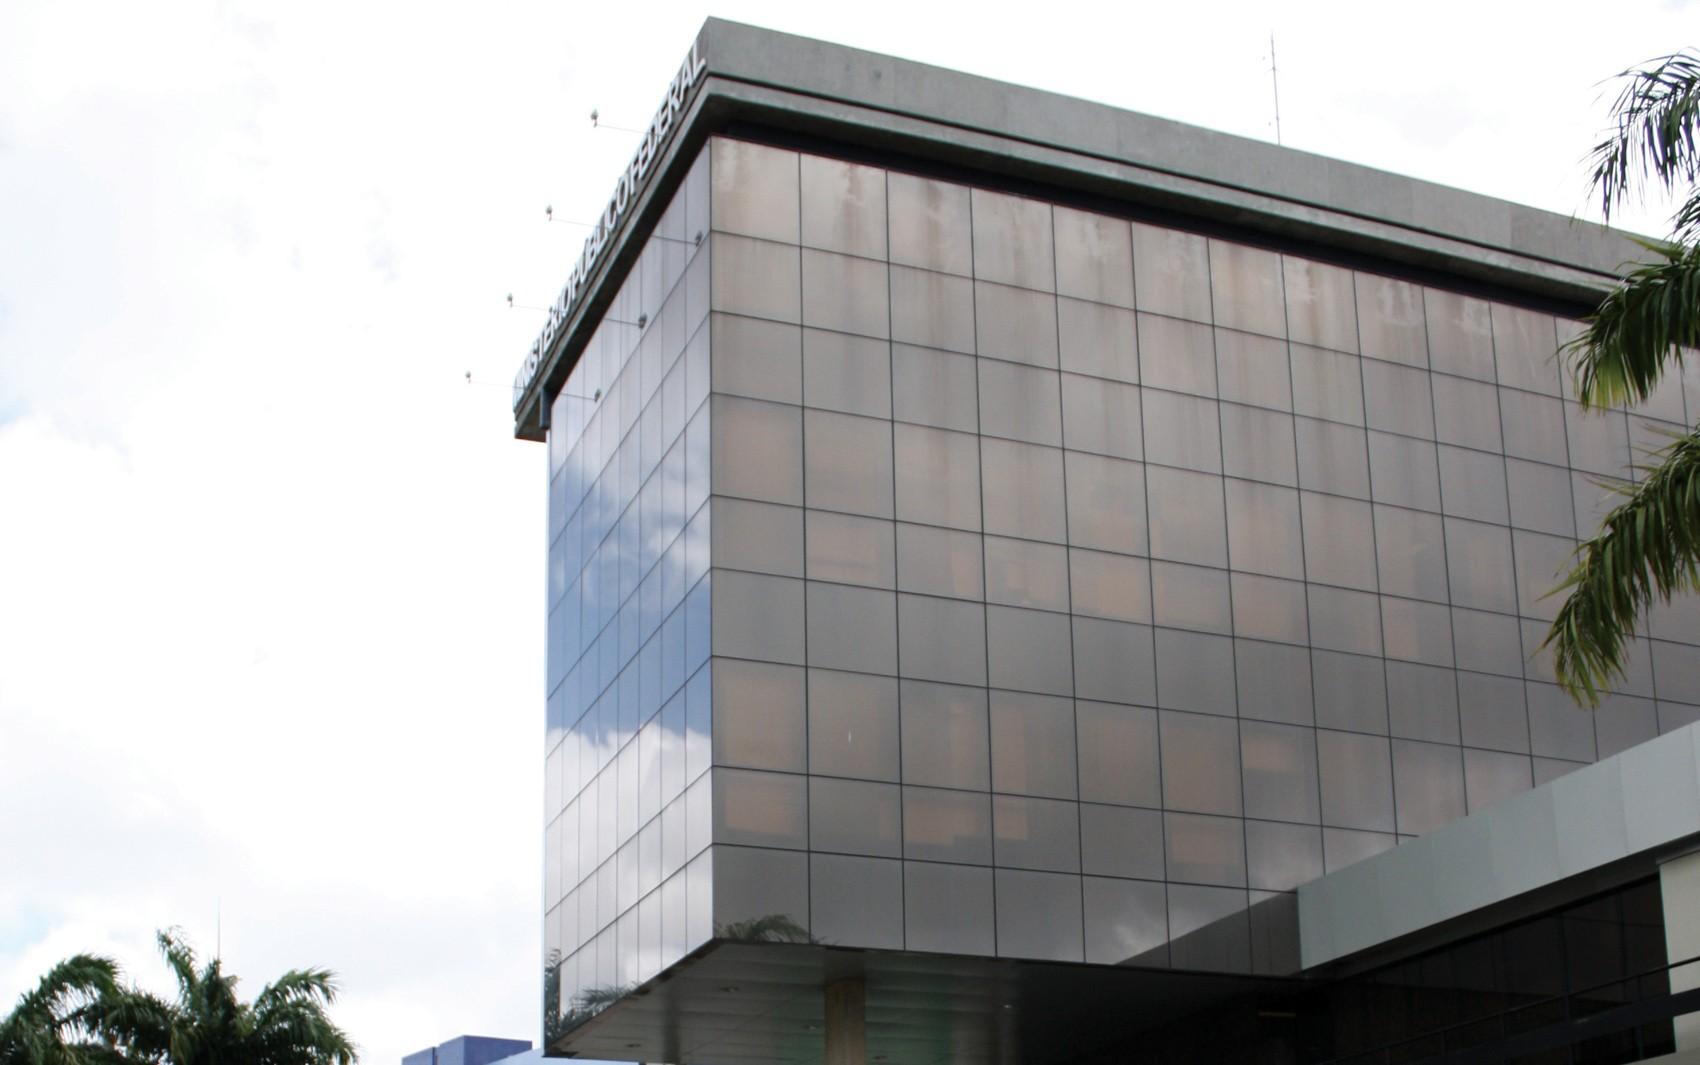 MPF denuncia por crime hediondo 3 pessoas envolvidas em venda de respiradores testados em porcos para prefeitura do Recife